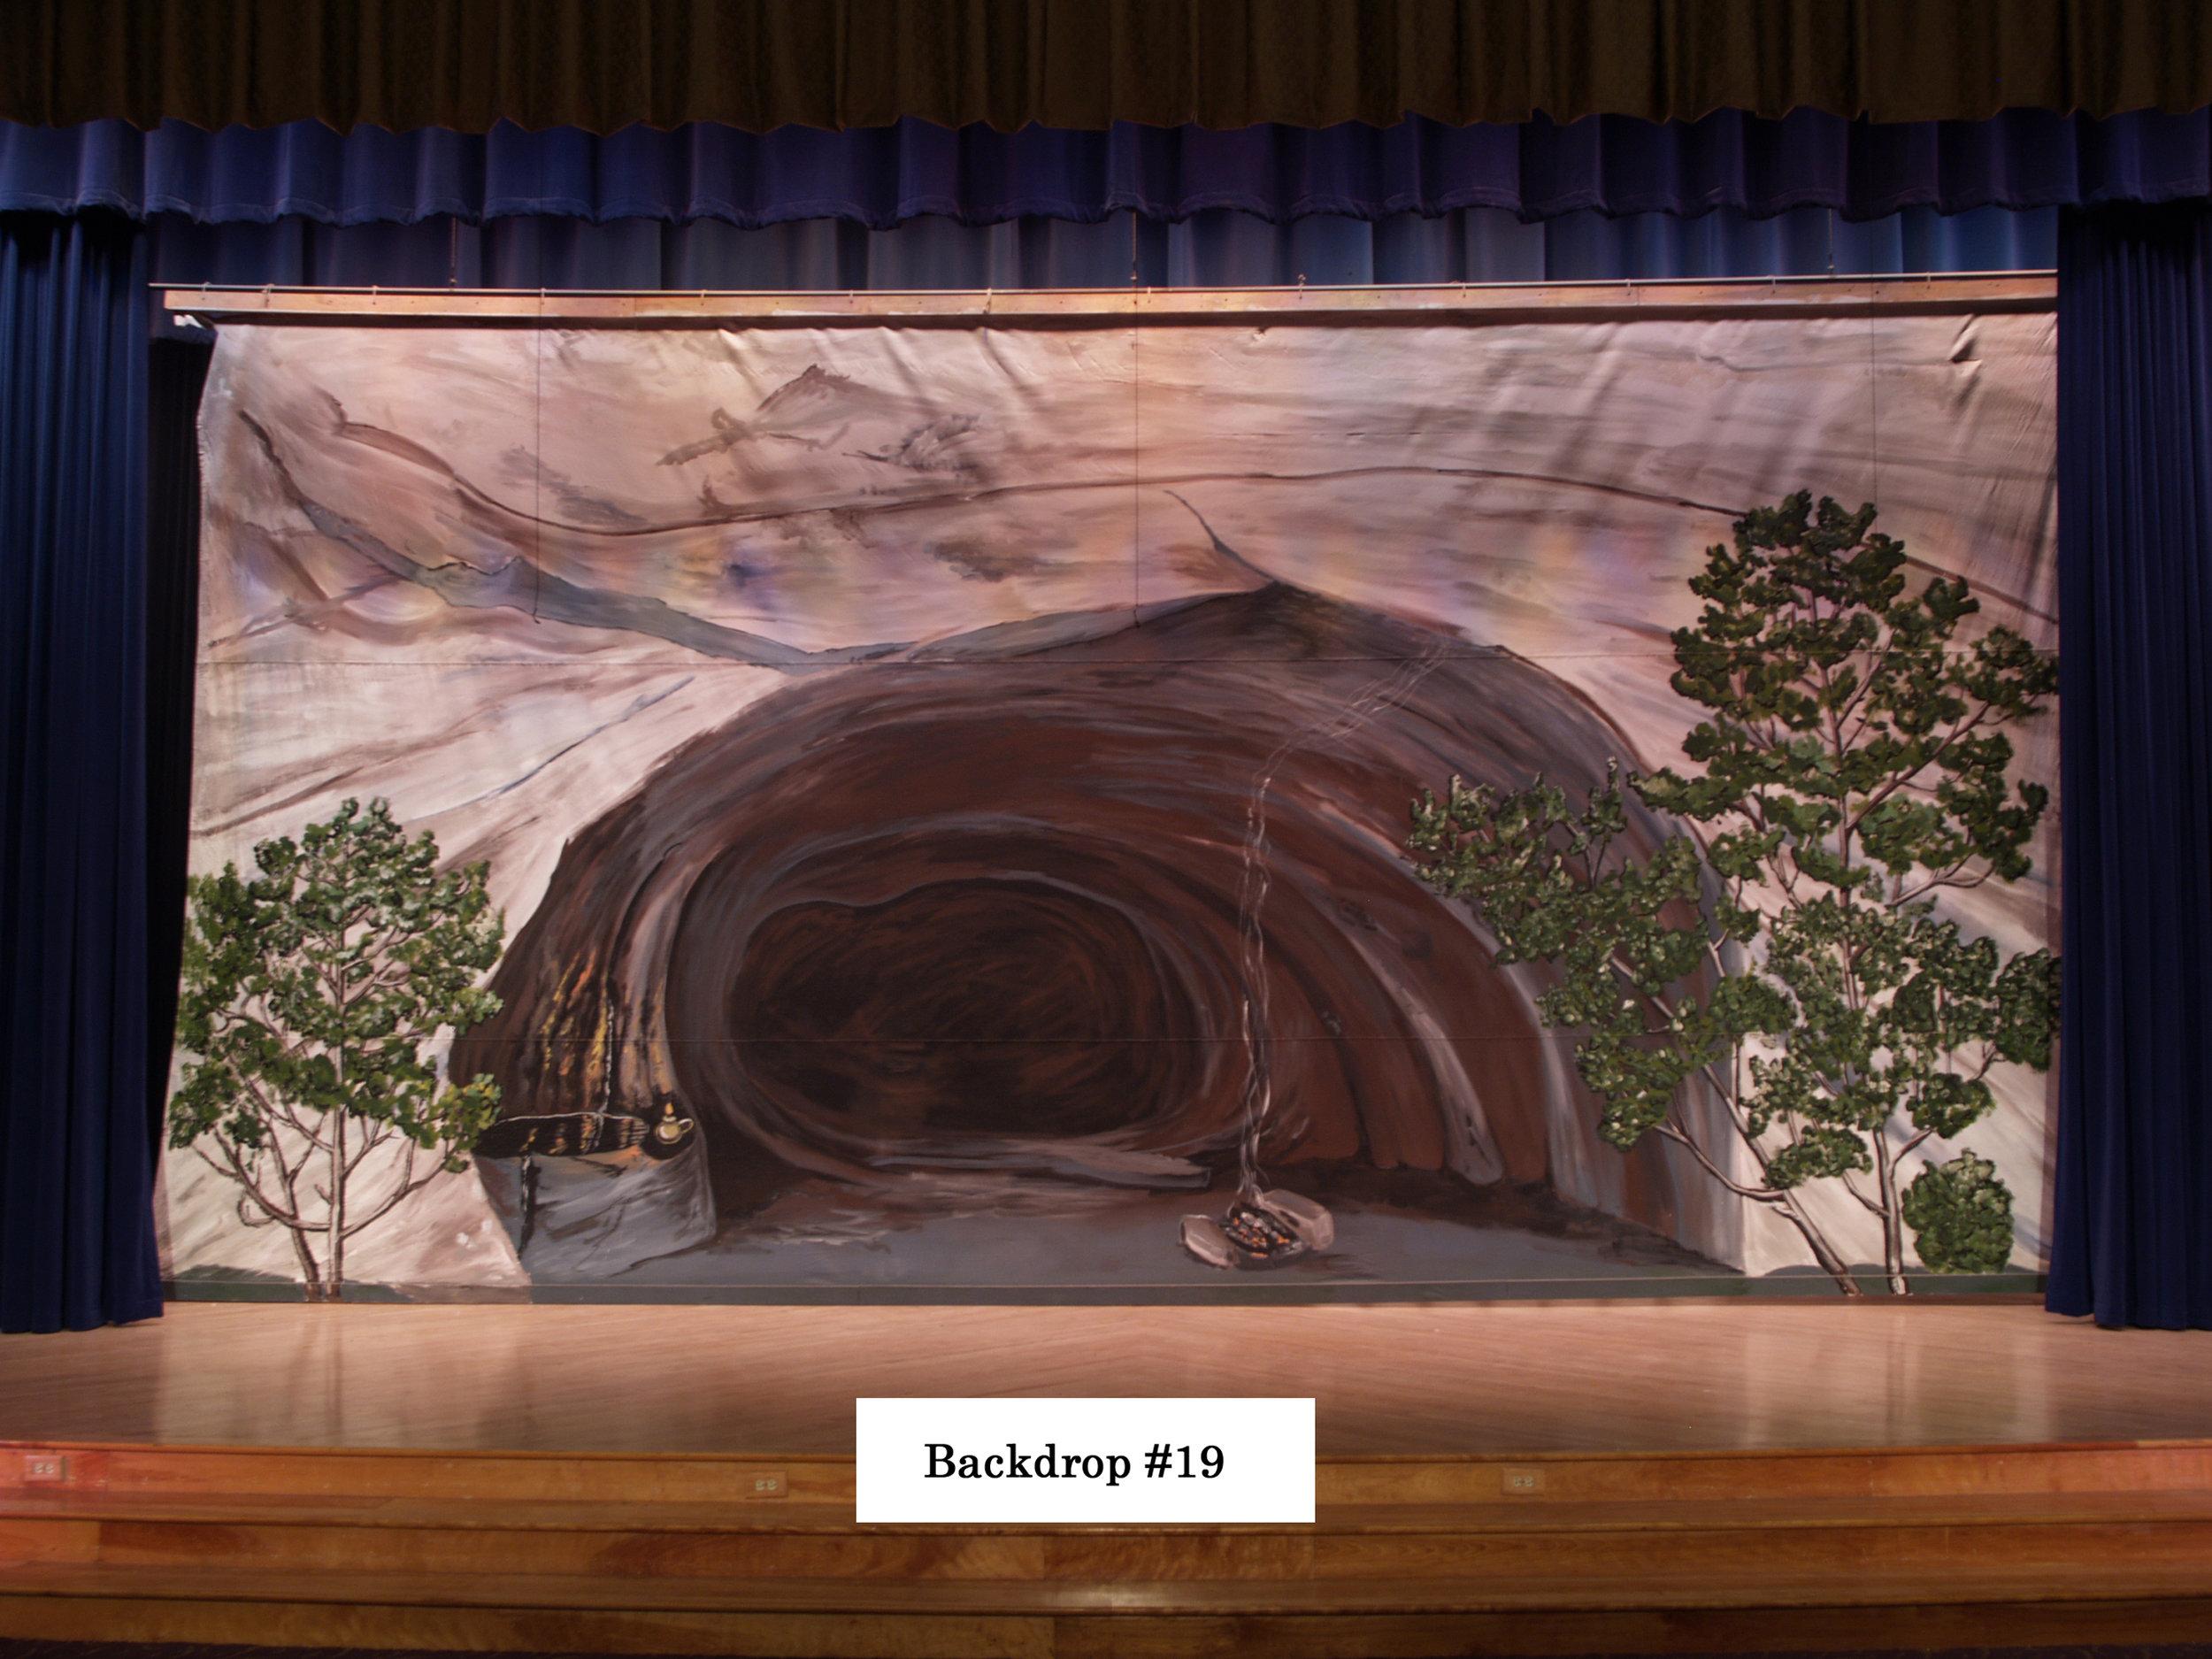 backdrop_19.jpg